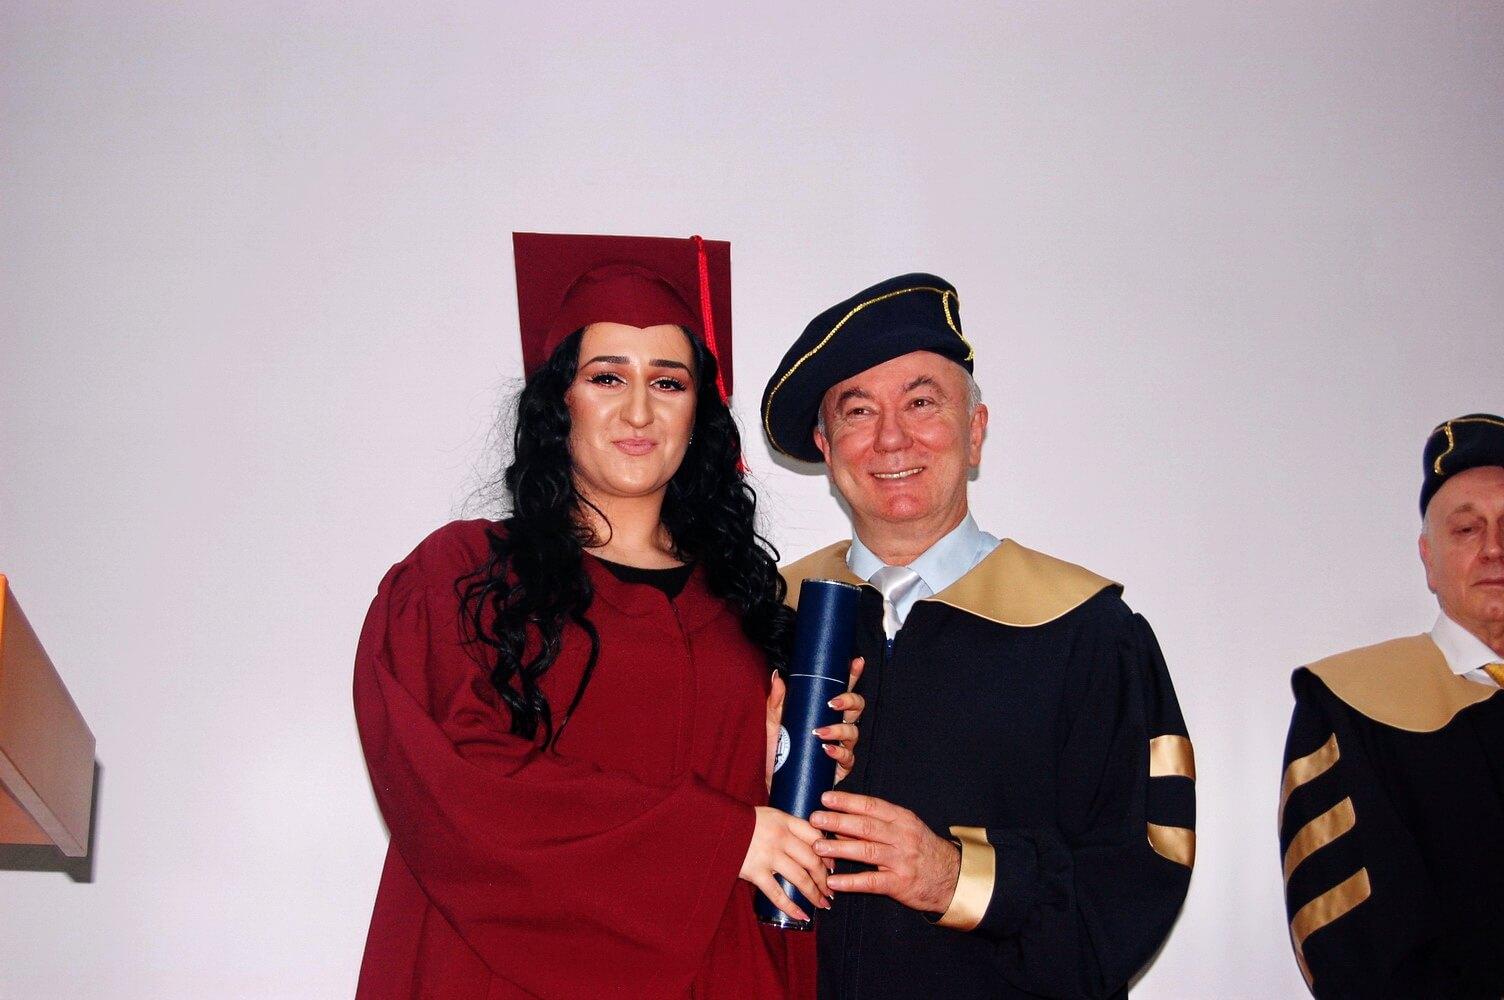 Dan Univerziteta 2020 148